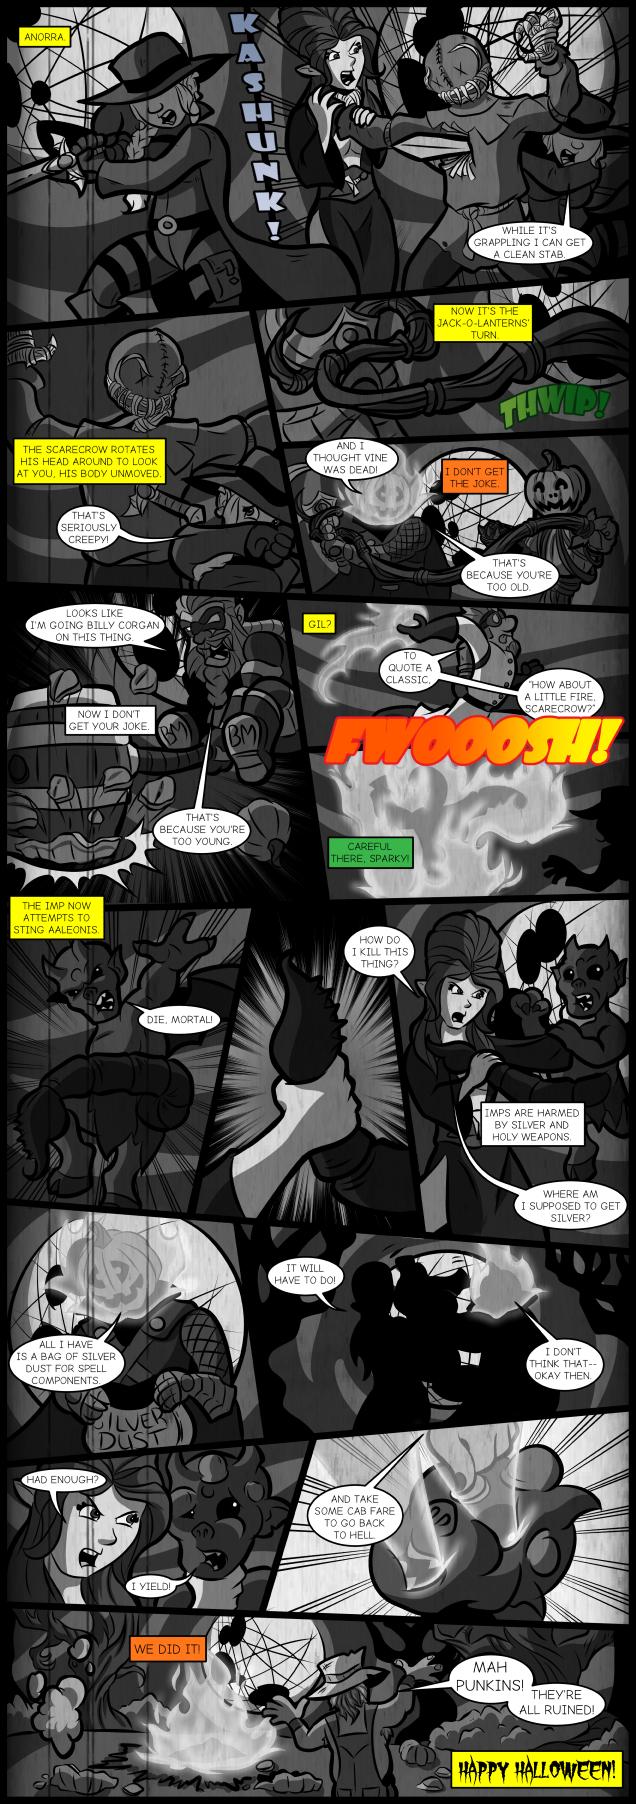 Halloween 2017 Special – Part 2